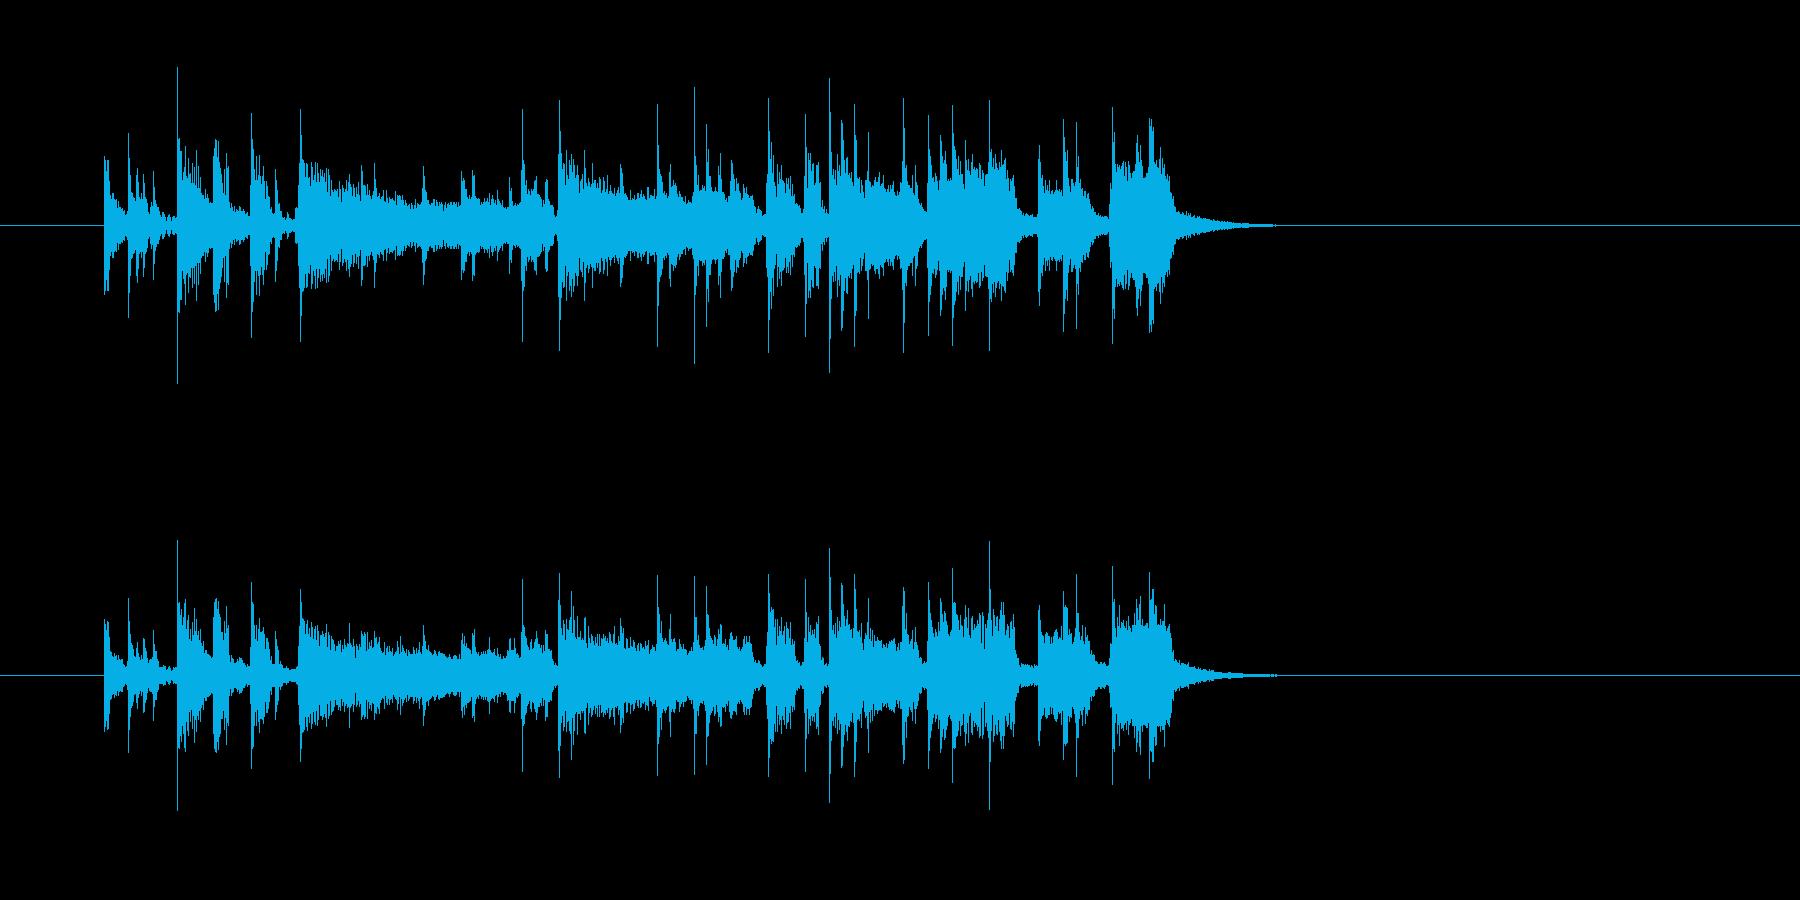 ニュース 報道 スタイリッシュ ベースの再生済みの波形